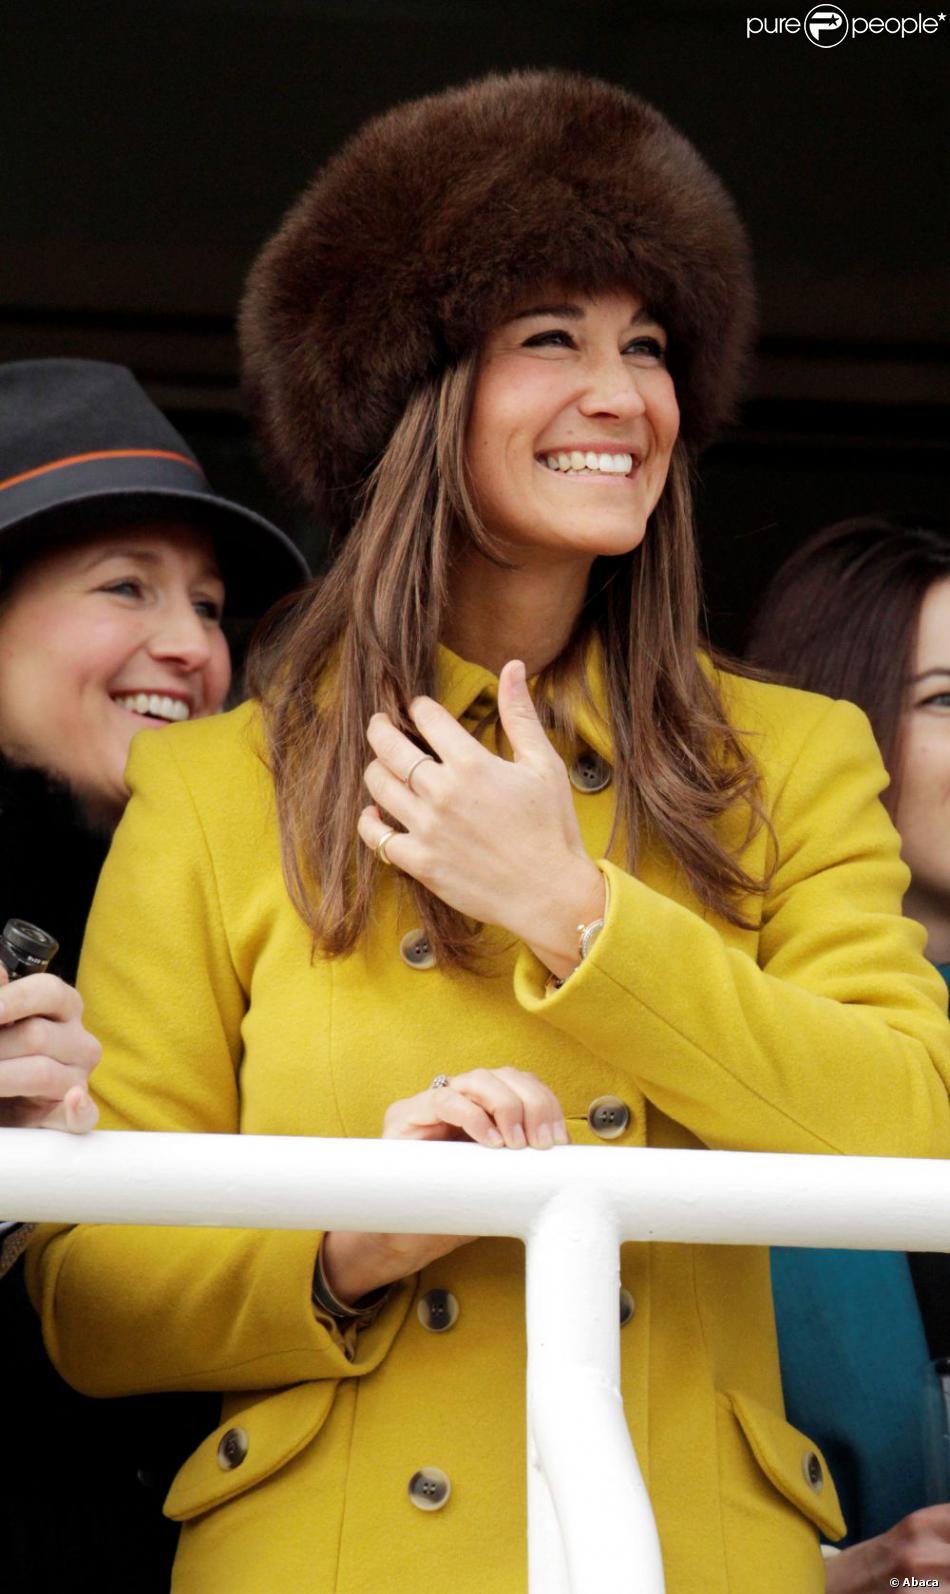 Pippa Middleton a assisté à une course de chevaux à l'hippodrome de Cheltenham, dans le cadre du Cheltenham Festival de Gloucestershire. Le 14 mars 2013. La soeur de Kate Middleton était sublime dans un manteau jaune.